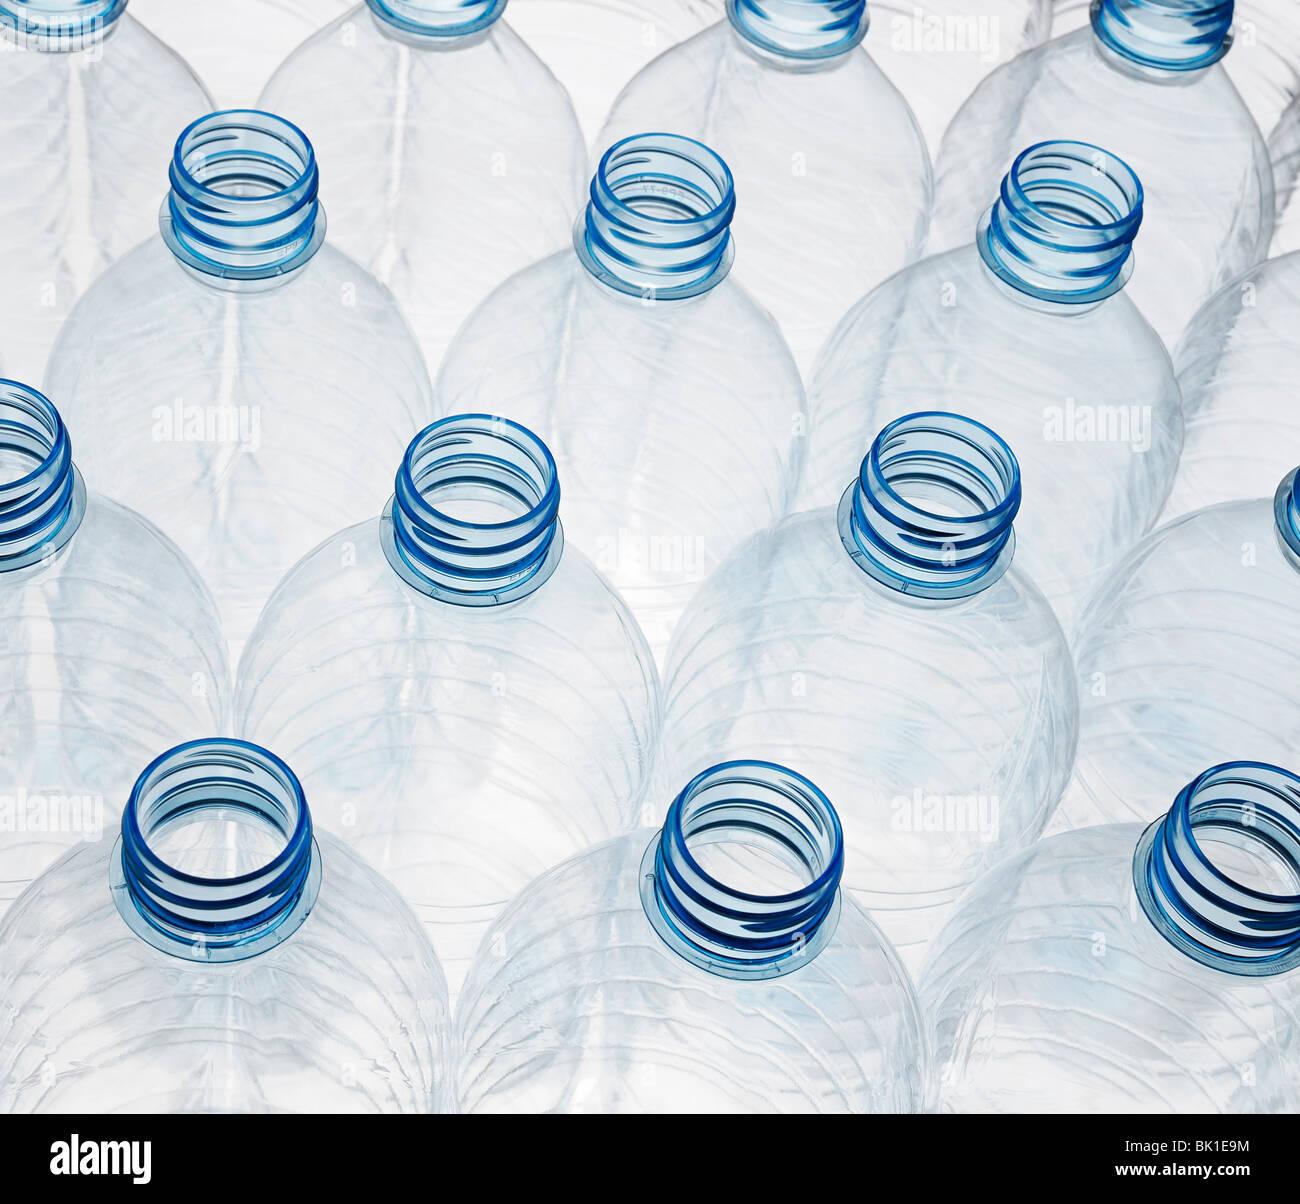 Listo para ser reciclado de botellas plásticas Imagen De Stock